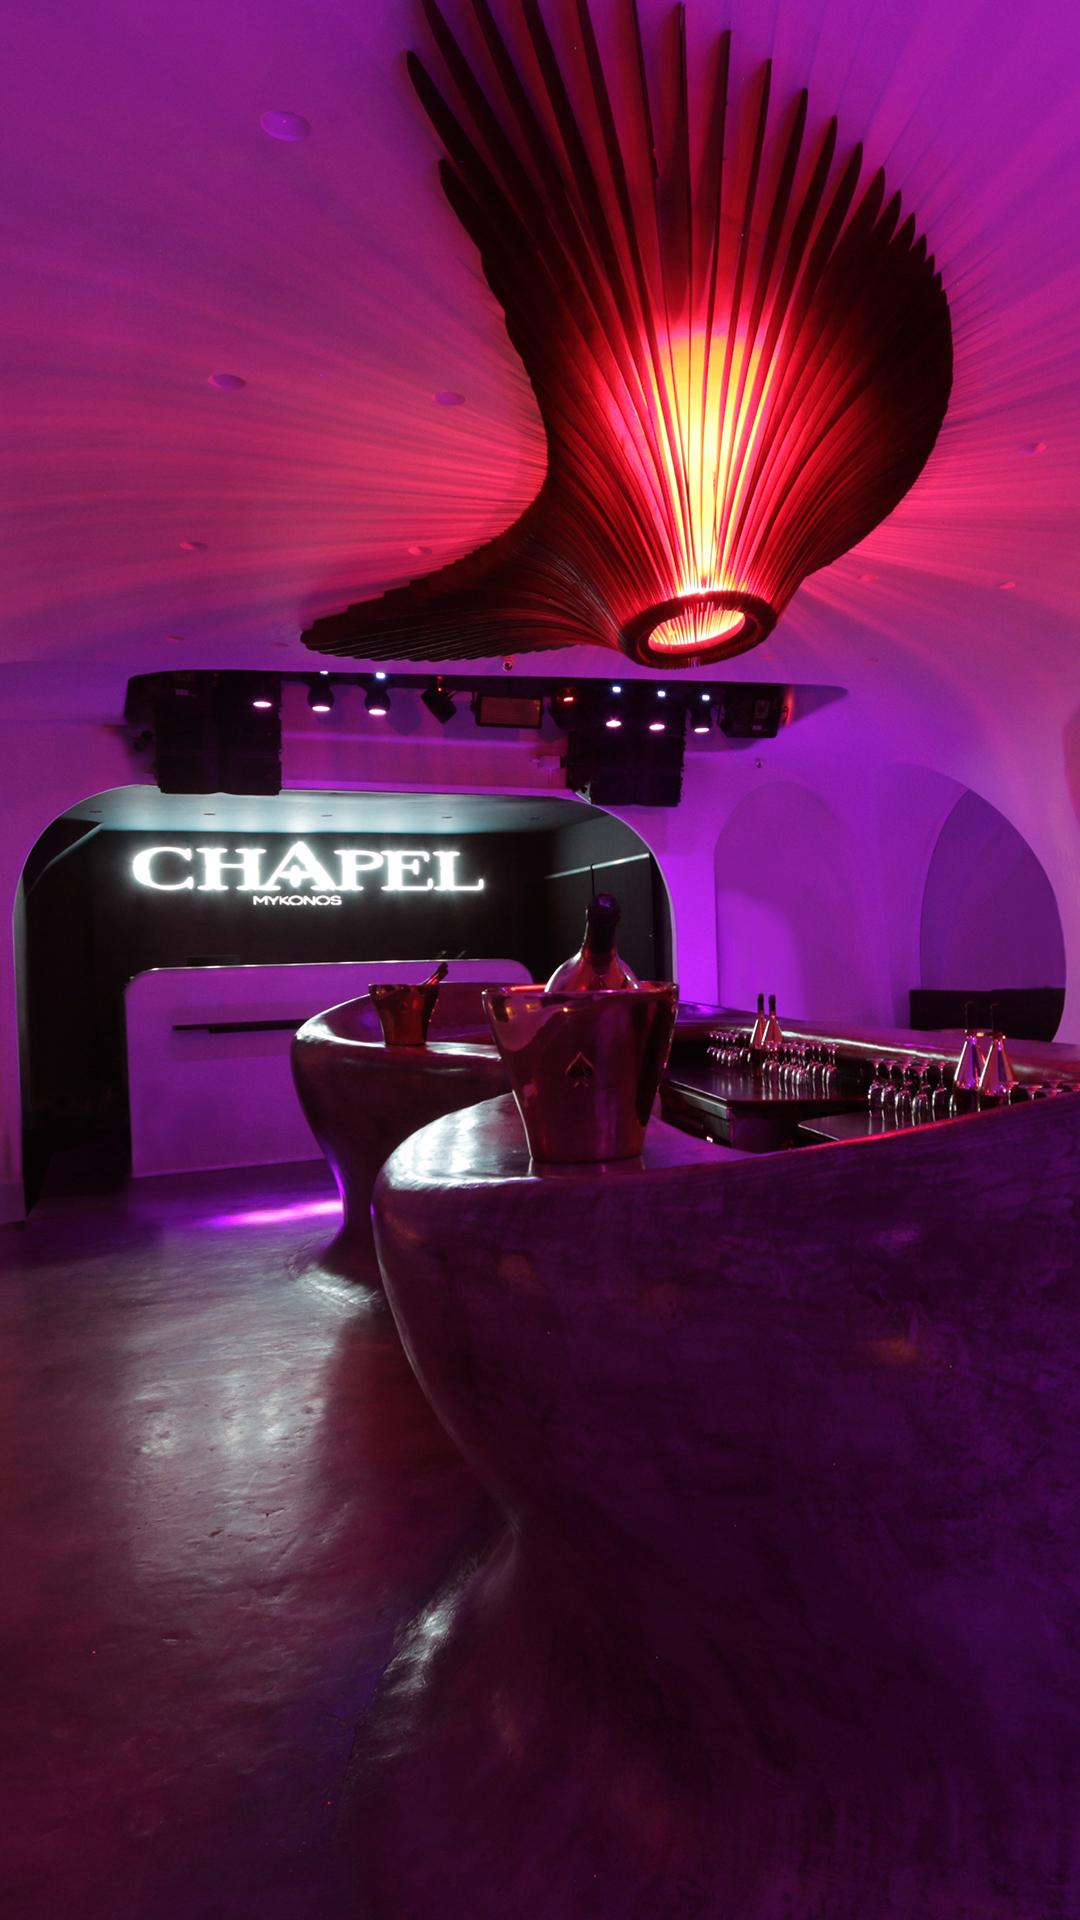 chapel (14).jpg